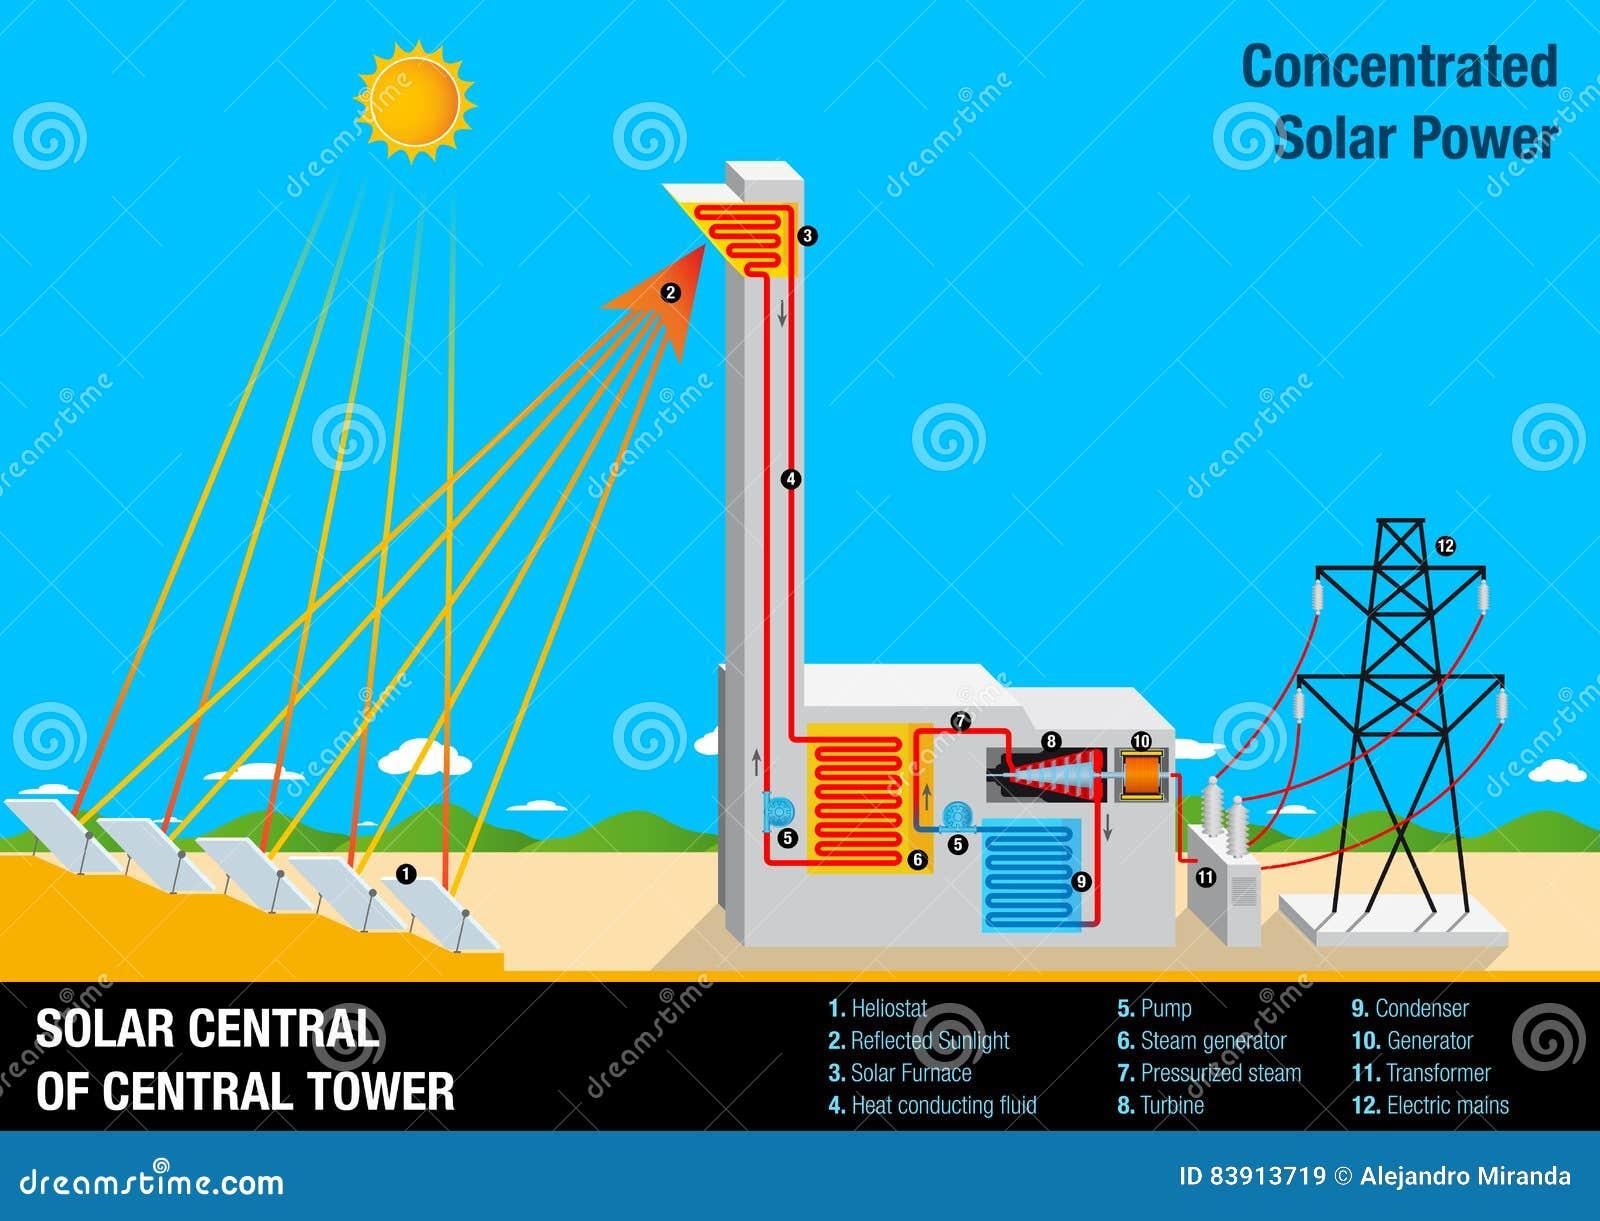 Rappresenti graficamente l 39 illustrazione dell 39 operazione di una centrale solare della torre - Centrale solare a specchi ...